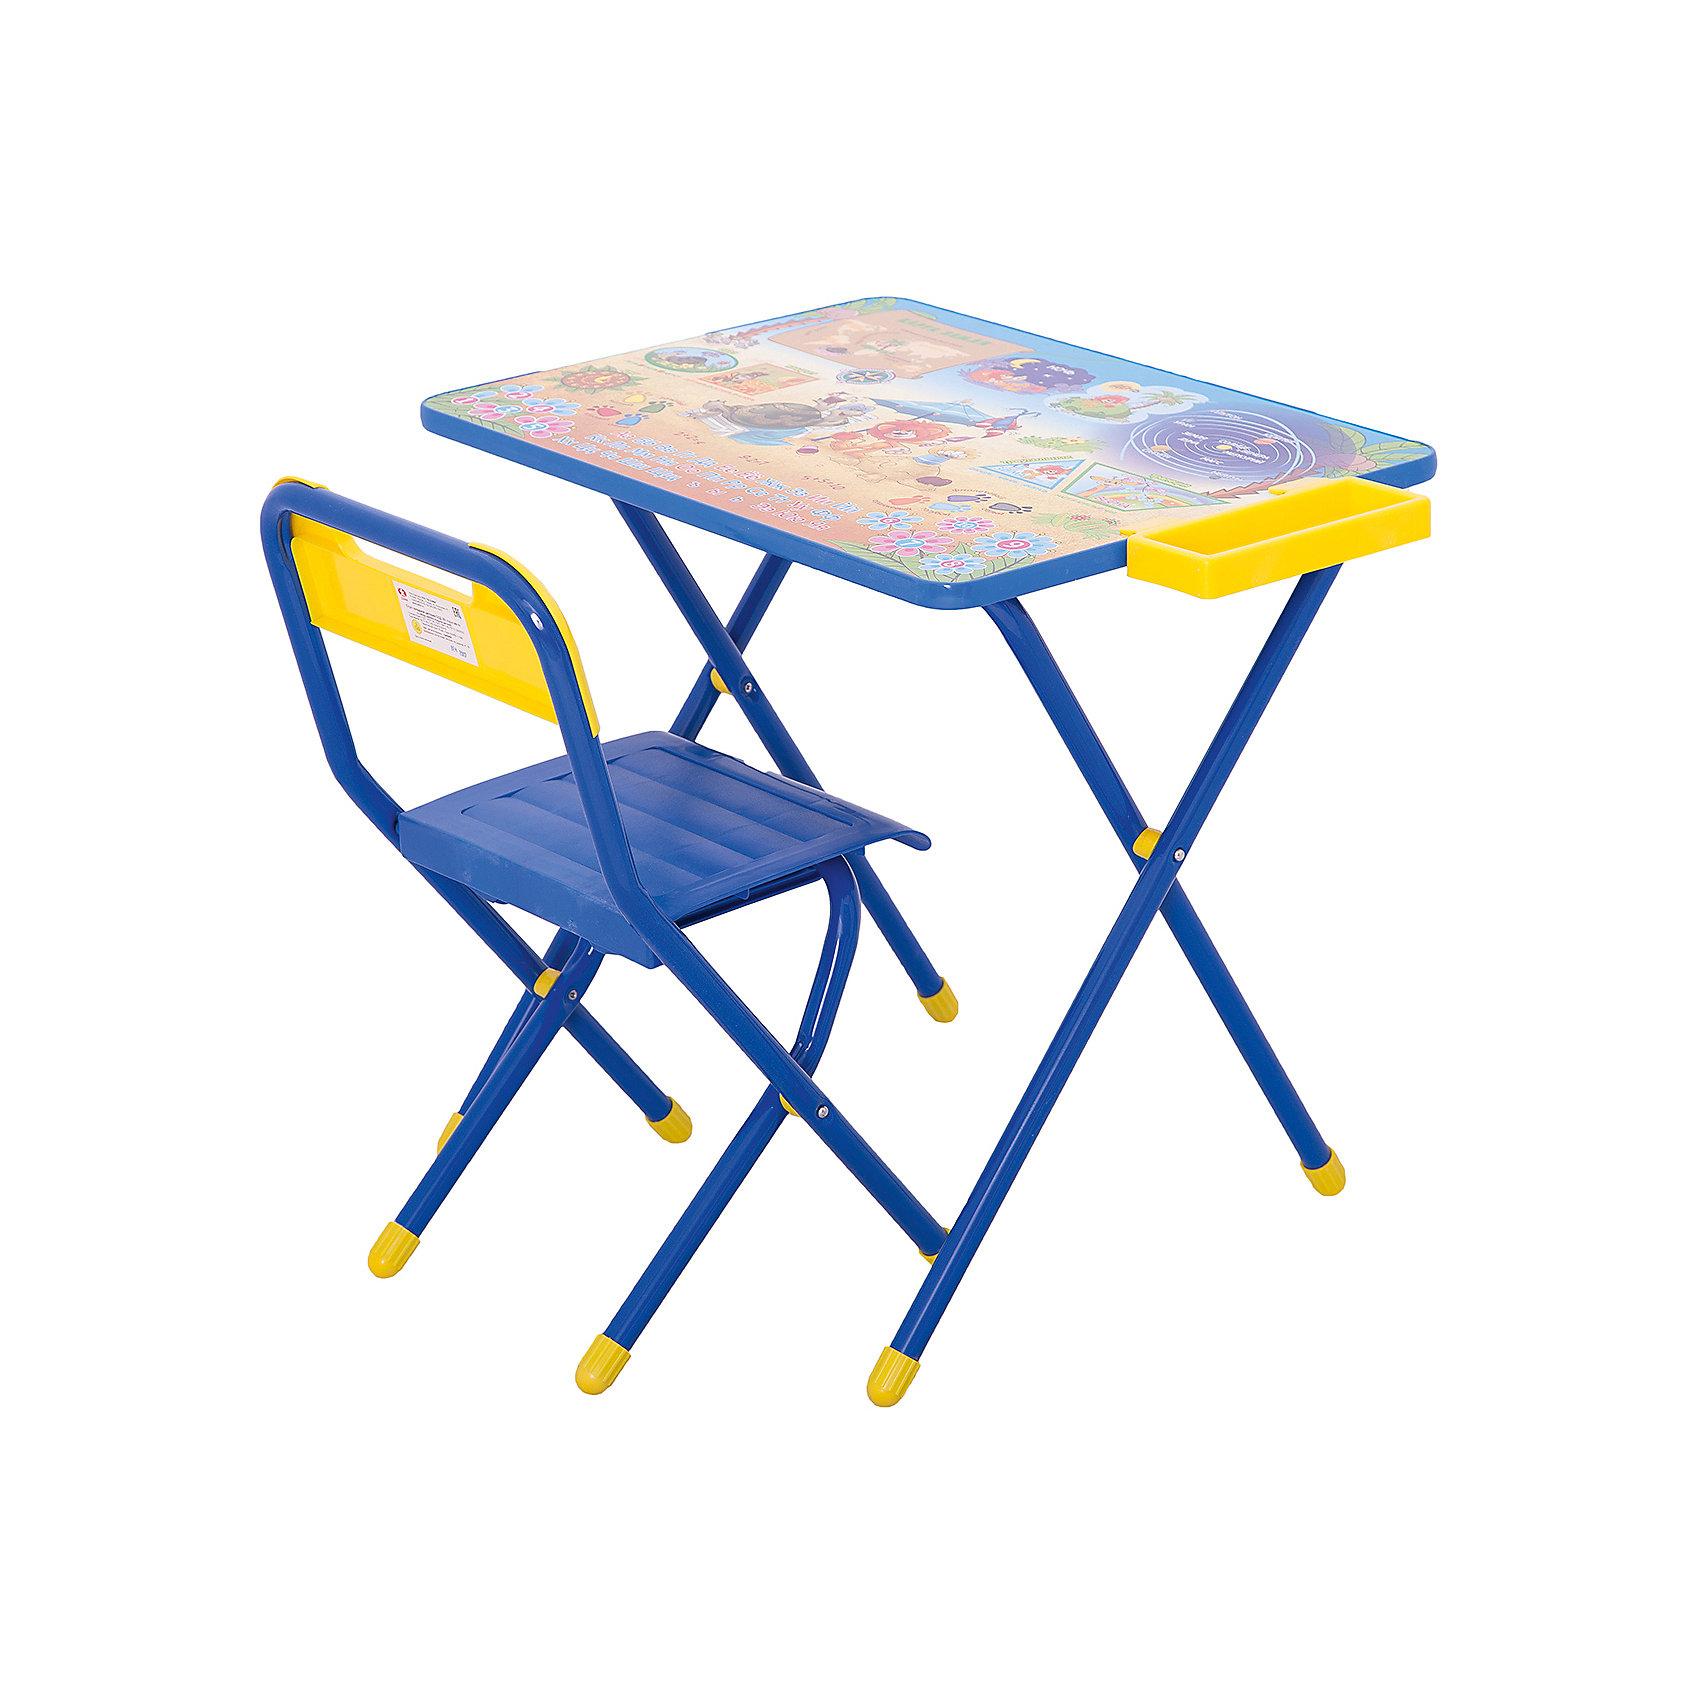 Набор детской складной мебели Львенок и Черепаха, ДэмиМебель<br>Каждый ребенок нуждается в удобной, специальной мебели, чтобы его организм мог развиваться правильно. Такая мебель может быть еще и яркой, а также выполнять обучающую функцию.<br>Набор детской складной мебели Львенок и Черепаха - это универсальный комплект необходимых предметов для малыша. Он состоит из стула и стола, выполненных в ярких цветах. Столешница позволяет разместить на ней все необходимые предметы: можно есть, играть или учиться! На ней расположены обучающие рисунки, также прикреплен специальный пенал для канцелярии. Разработан в соответствии с рекомендациями врачей-ортопедов. Сделан из безопасных для ребенка материалов.<br><br><br>Дополнительная информация:<br><br>материал: металл, пластик;<br>просторная столешница;<br>оригинальный яркий дизайн;<br>обучающие изображения на столешнице;<br>легко моется;<br>соответствует рекомендациям ортопедов;<br>боковой пенал для канцелярии;<br>для детей ростом от 130 до 145 см;<br>размер столешницы: 45 х 60 см;<br>высота столешницы: 58 см;<br>высота стула: 34 см;<br>сиденье: 26х28 см;<br>спинка: 12х34 см;<br>максимальная нагрузка: 40 кг.<br><br>Набор детской складной мебели Львенок и Черепаха можно купить в нашем магазине.<br><br>Ширина мм: 77<br>Глубина мм: 73<br>Высота мм: 15<br>Вес г: 8500<br>Возраст от месяцев: 48<br>Возраст до месяцев: 96<br>Пол: Унисекс<br>Возраст: Детский<br>SKU: 4693955